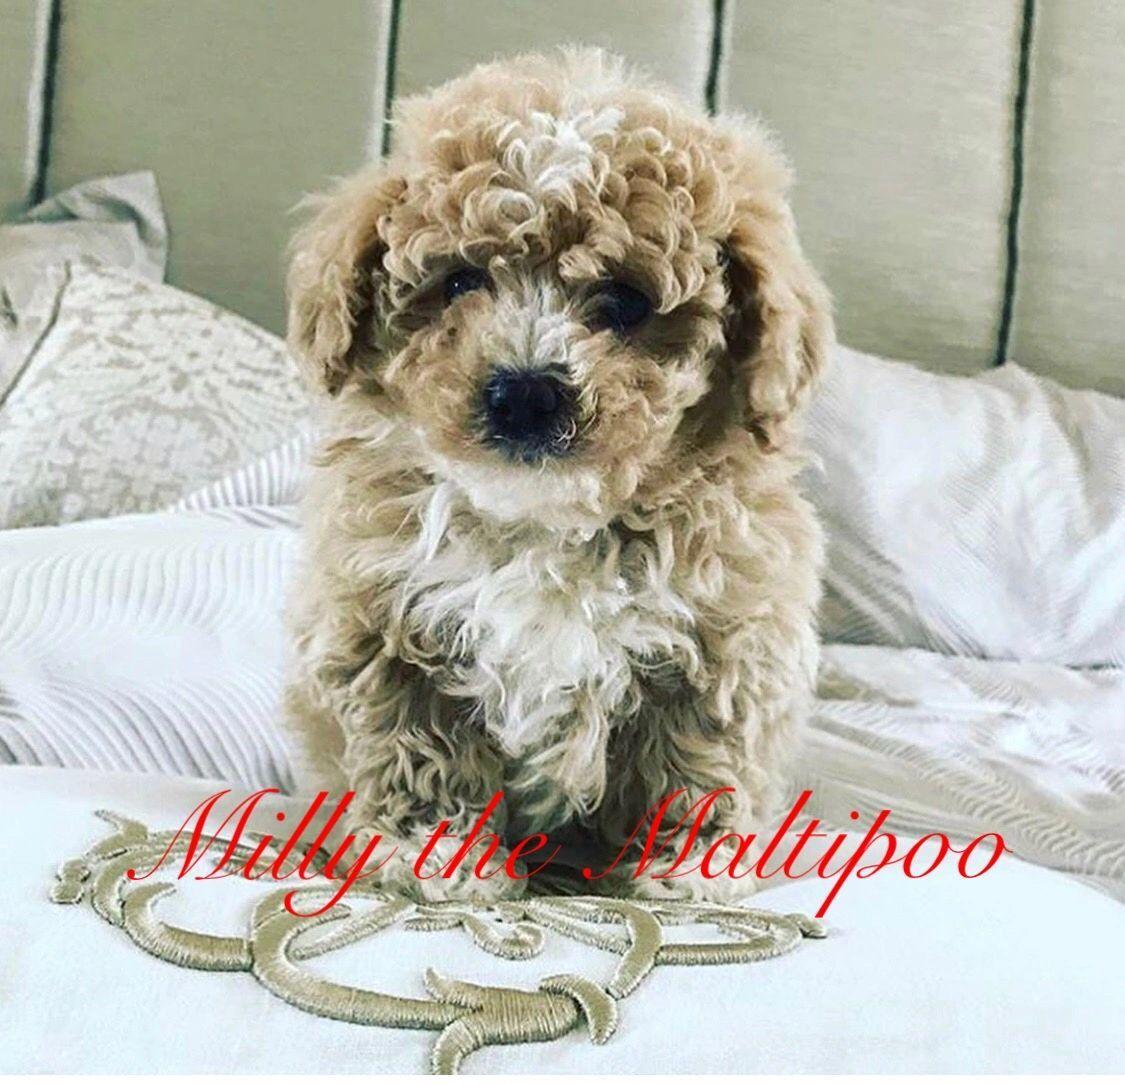 Posh Poos Maltipoo, Cavapoochon, Puppies Cavapoochon